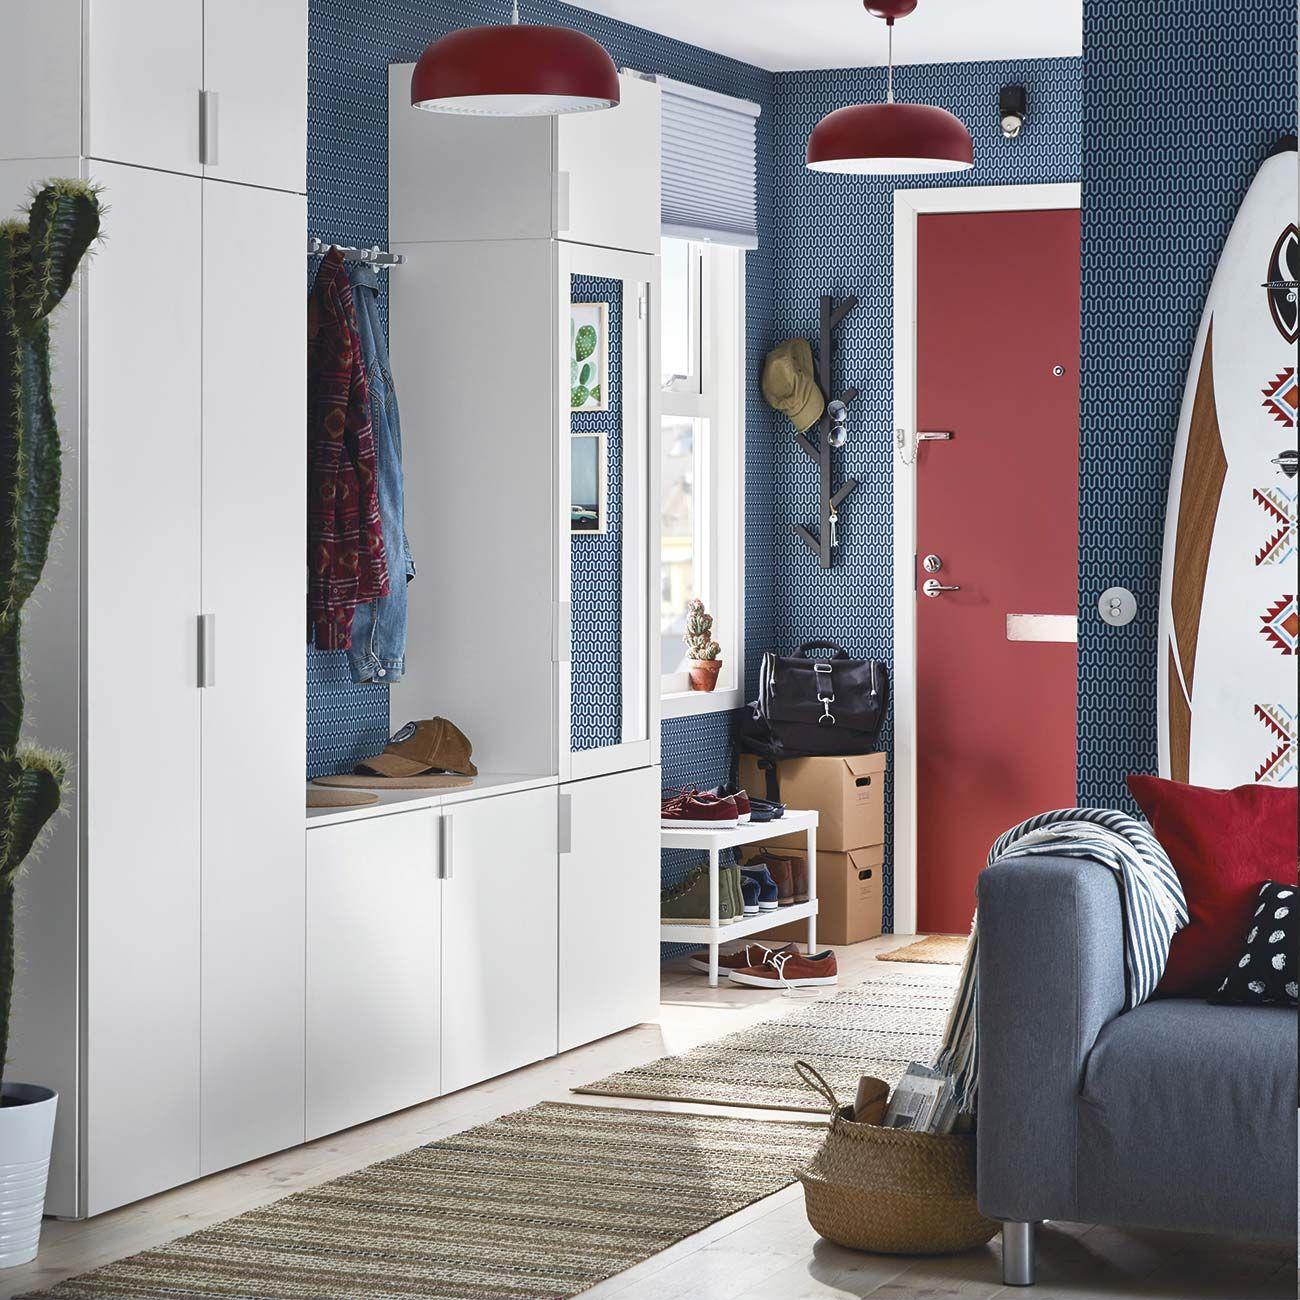 Lámparas para cada habitación de la casa - Iluminación perfecta